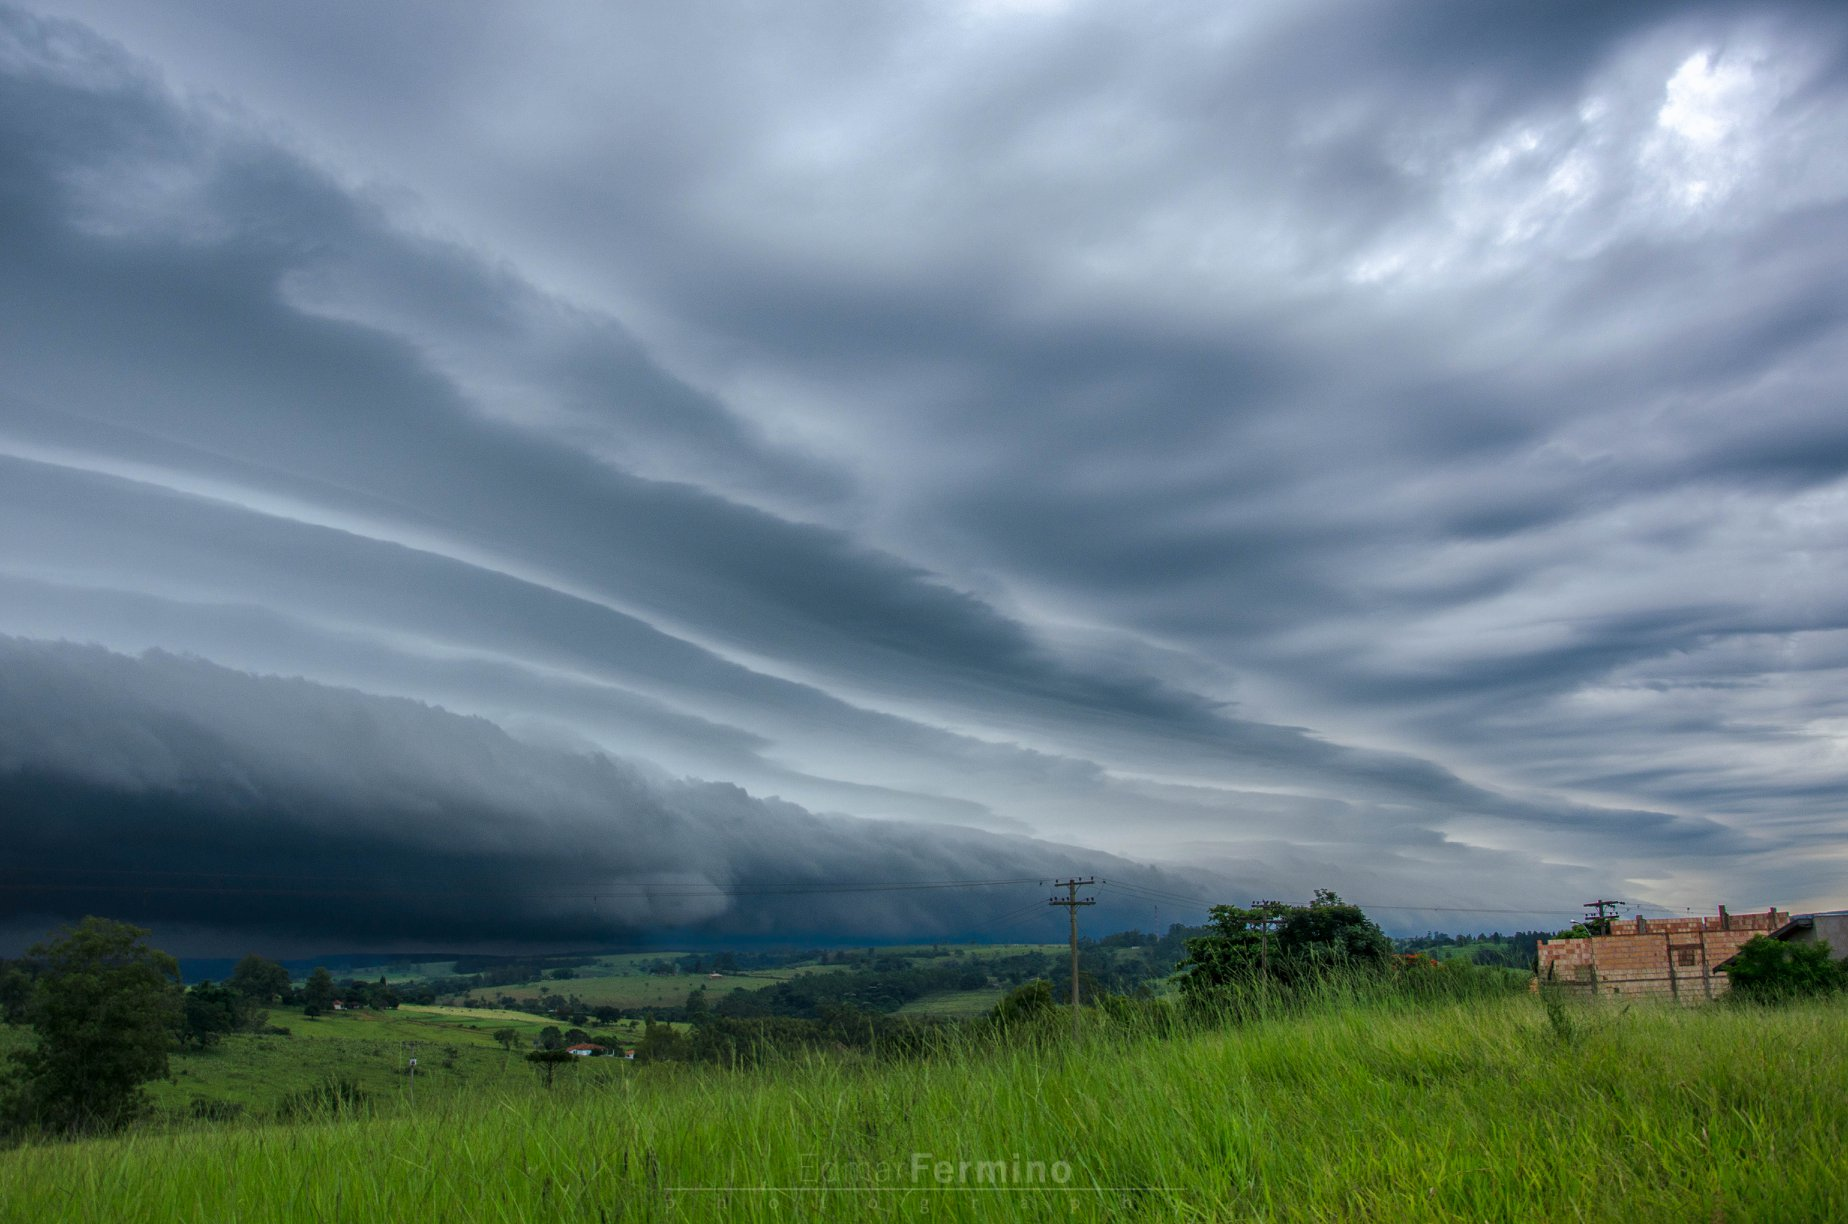 Storm. 18/02/2018 Duartina SP, Brazil.